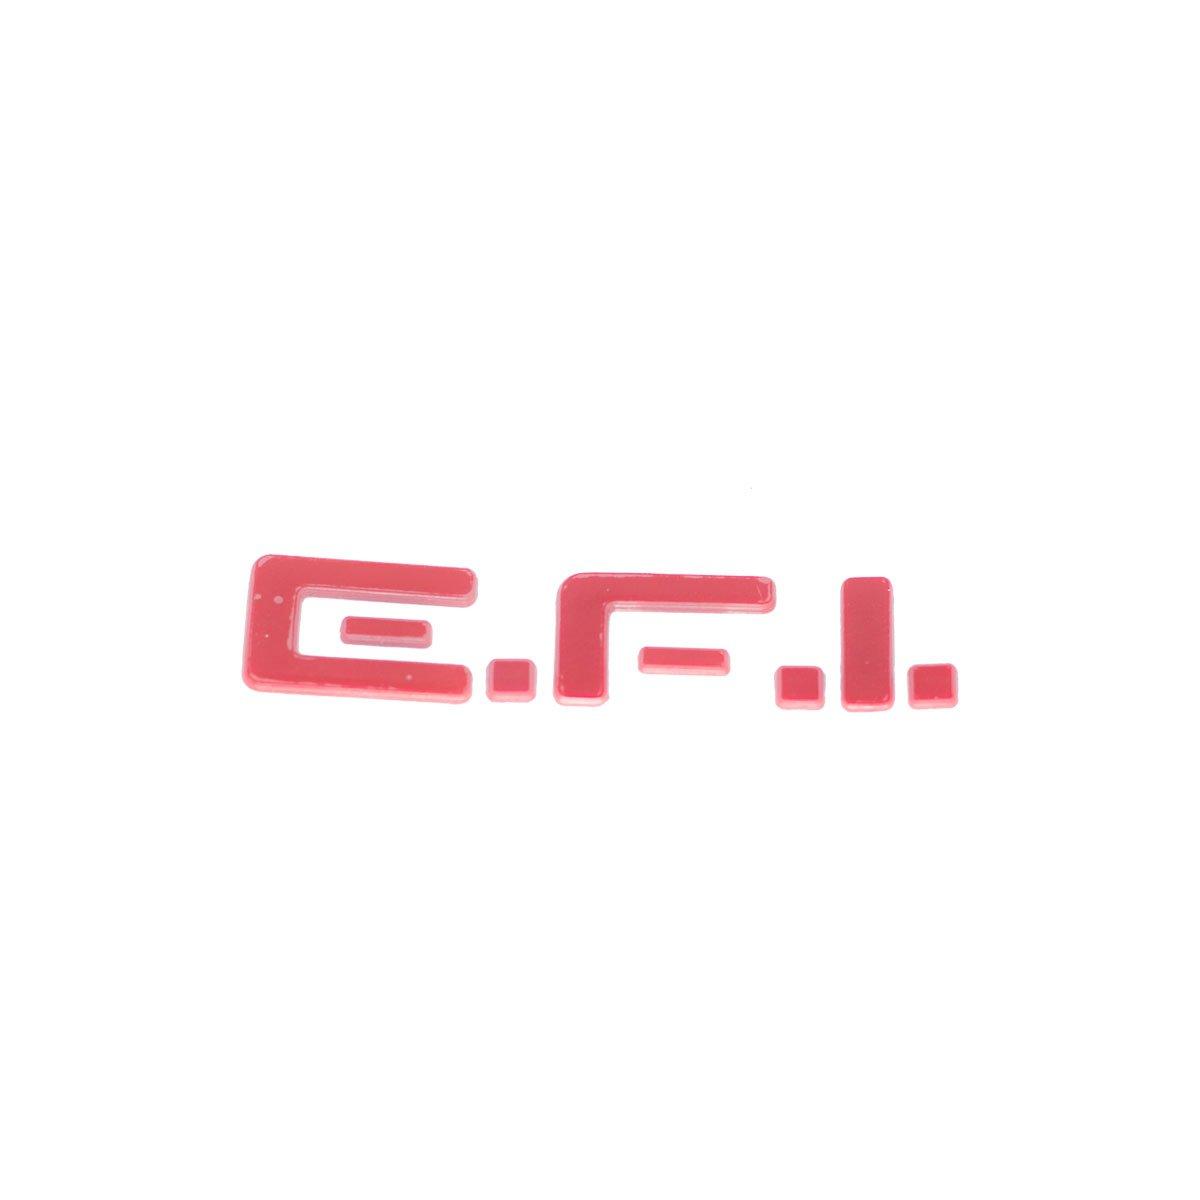 Emblema EFI (Kadet/Monza) Vermelho